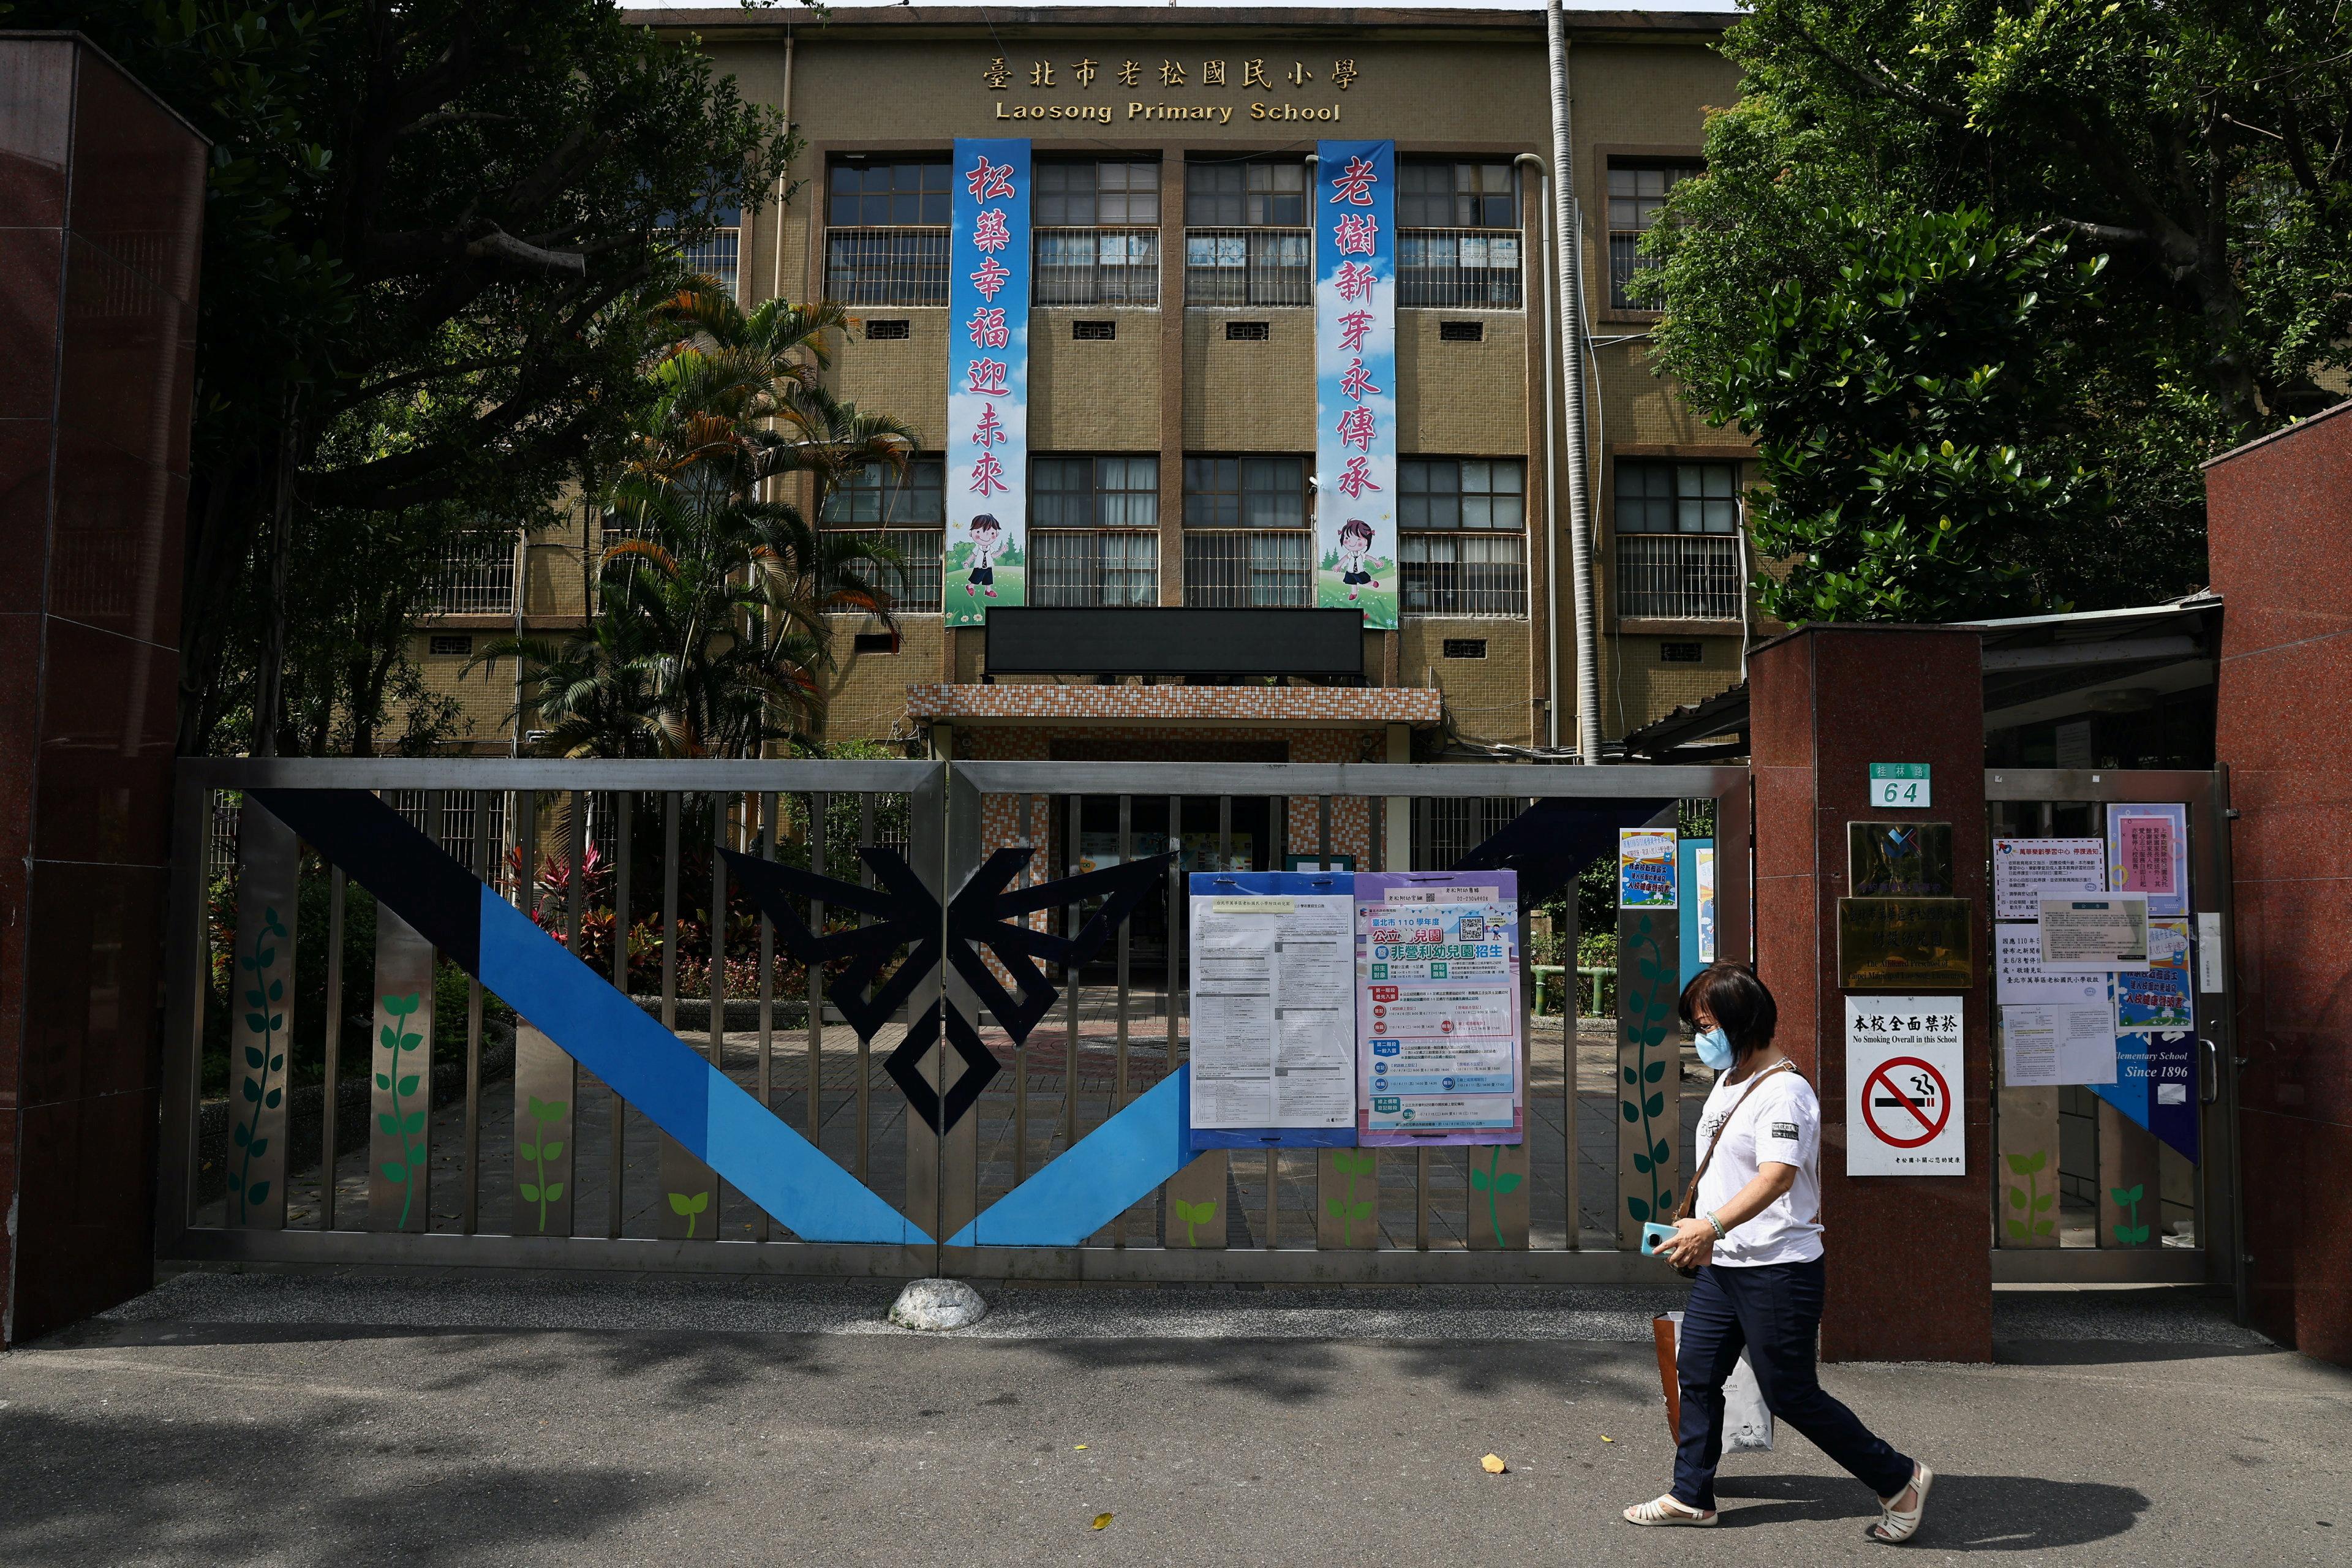 台湾新冠疫情急速扩散并且杀入校园,多地中小学有学生确诊,台北市和新北市宣布高中以下学校周二开始停课。-路透社-